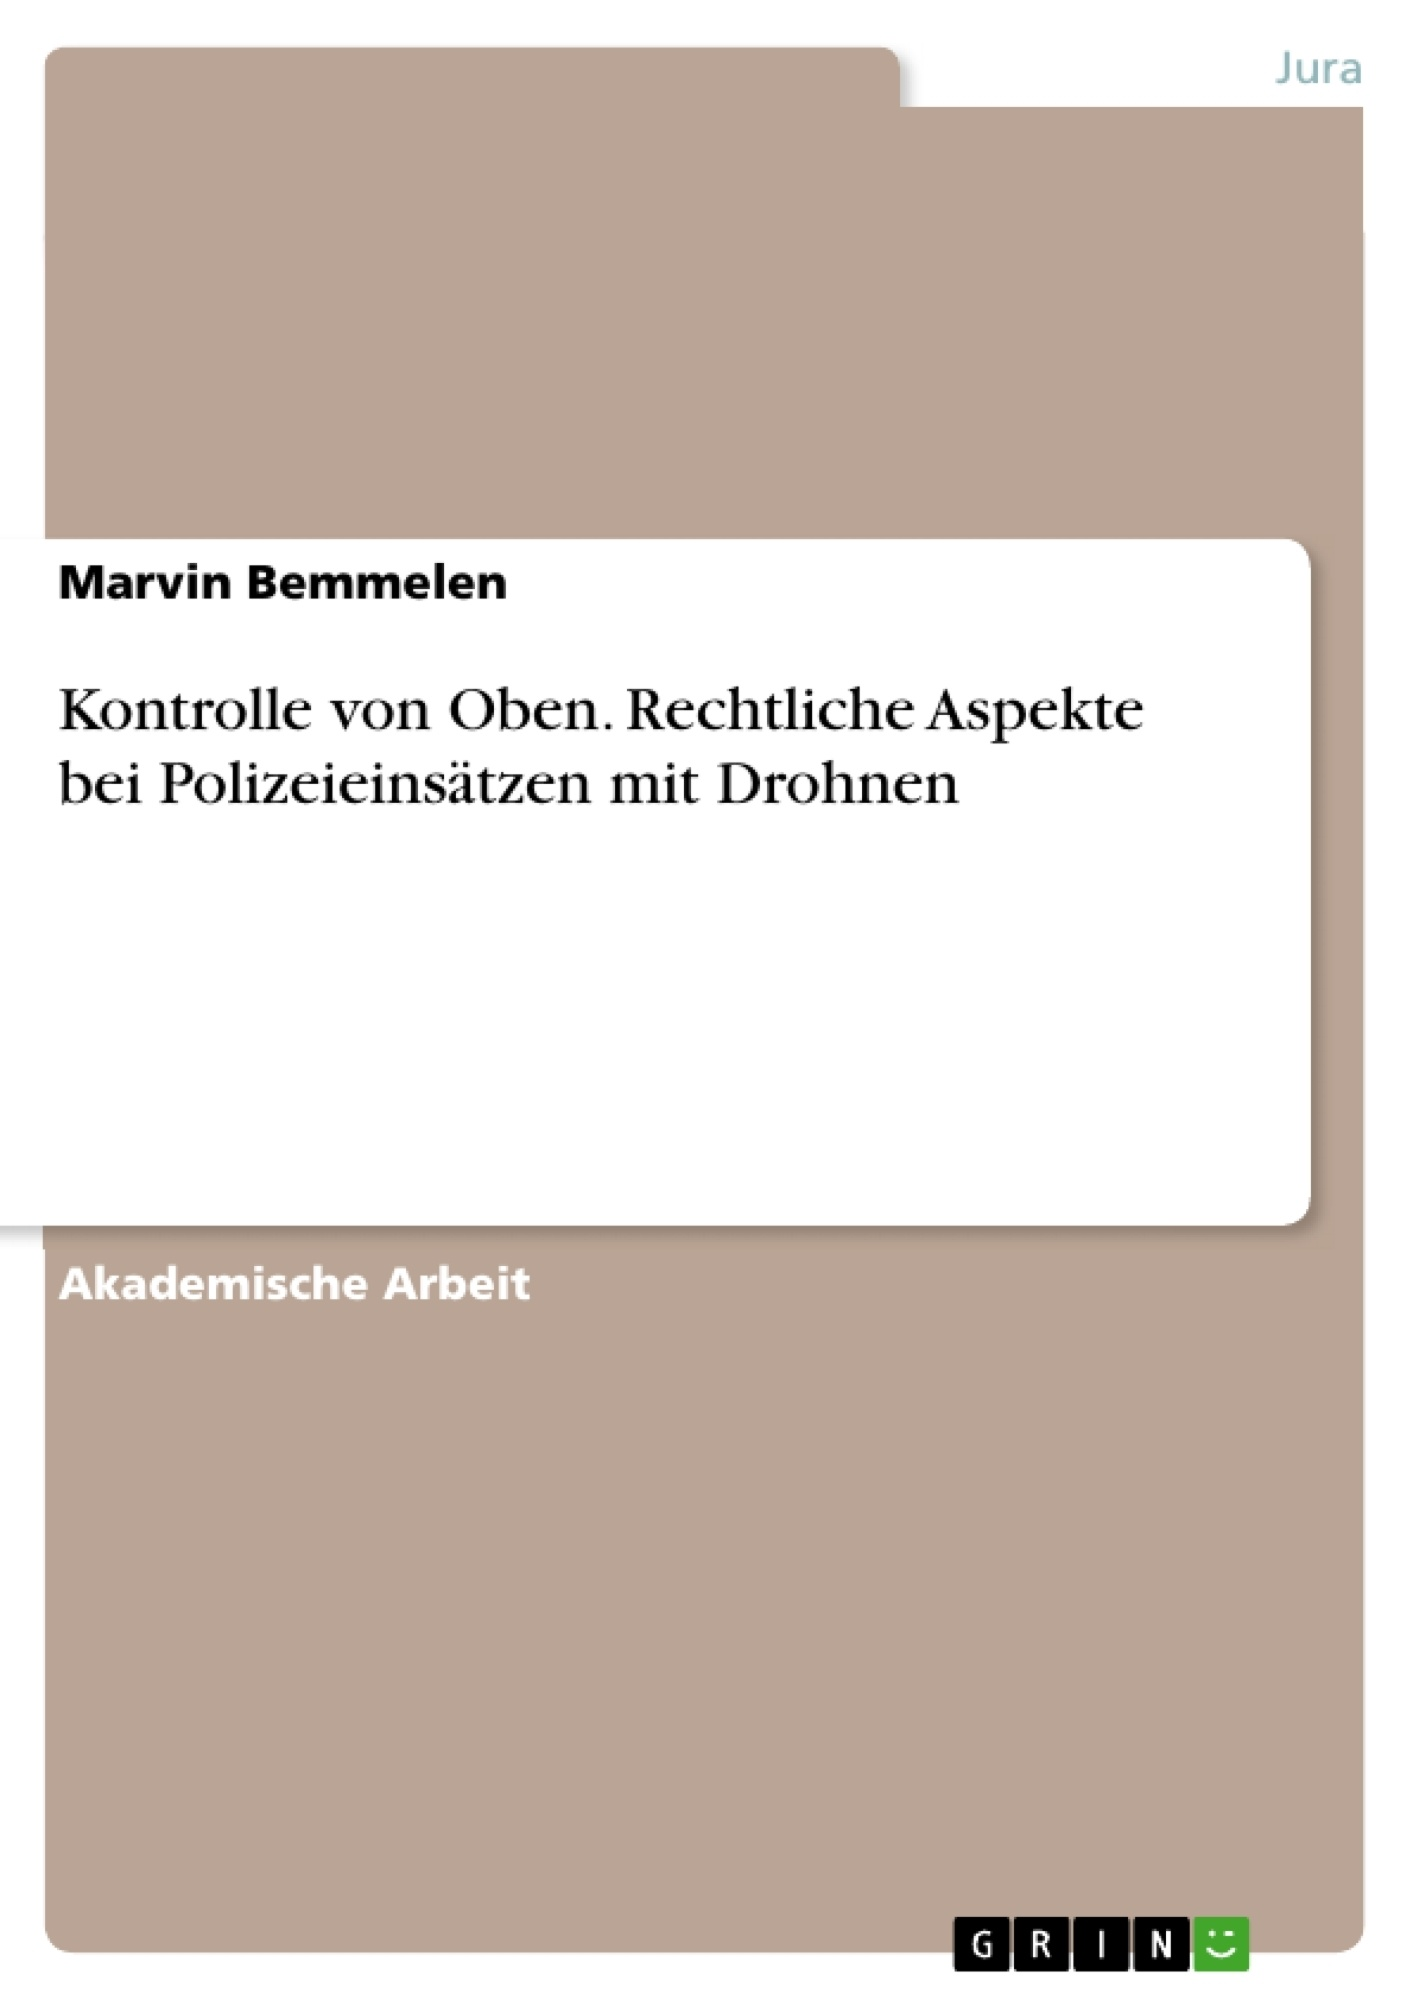 Titel: Kontrolle von Oben. Rechtliche Aspekte bei Polizeieinsätzen mit Drohnen